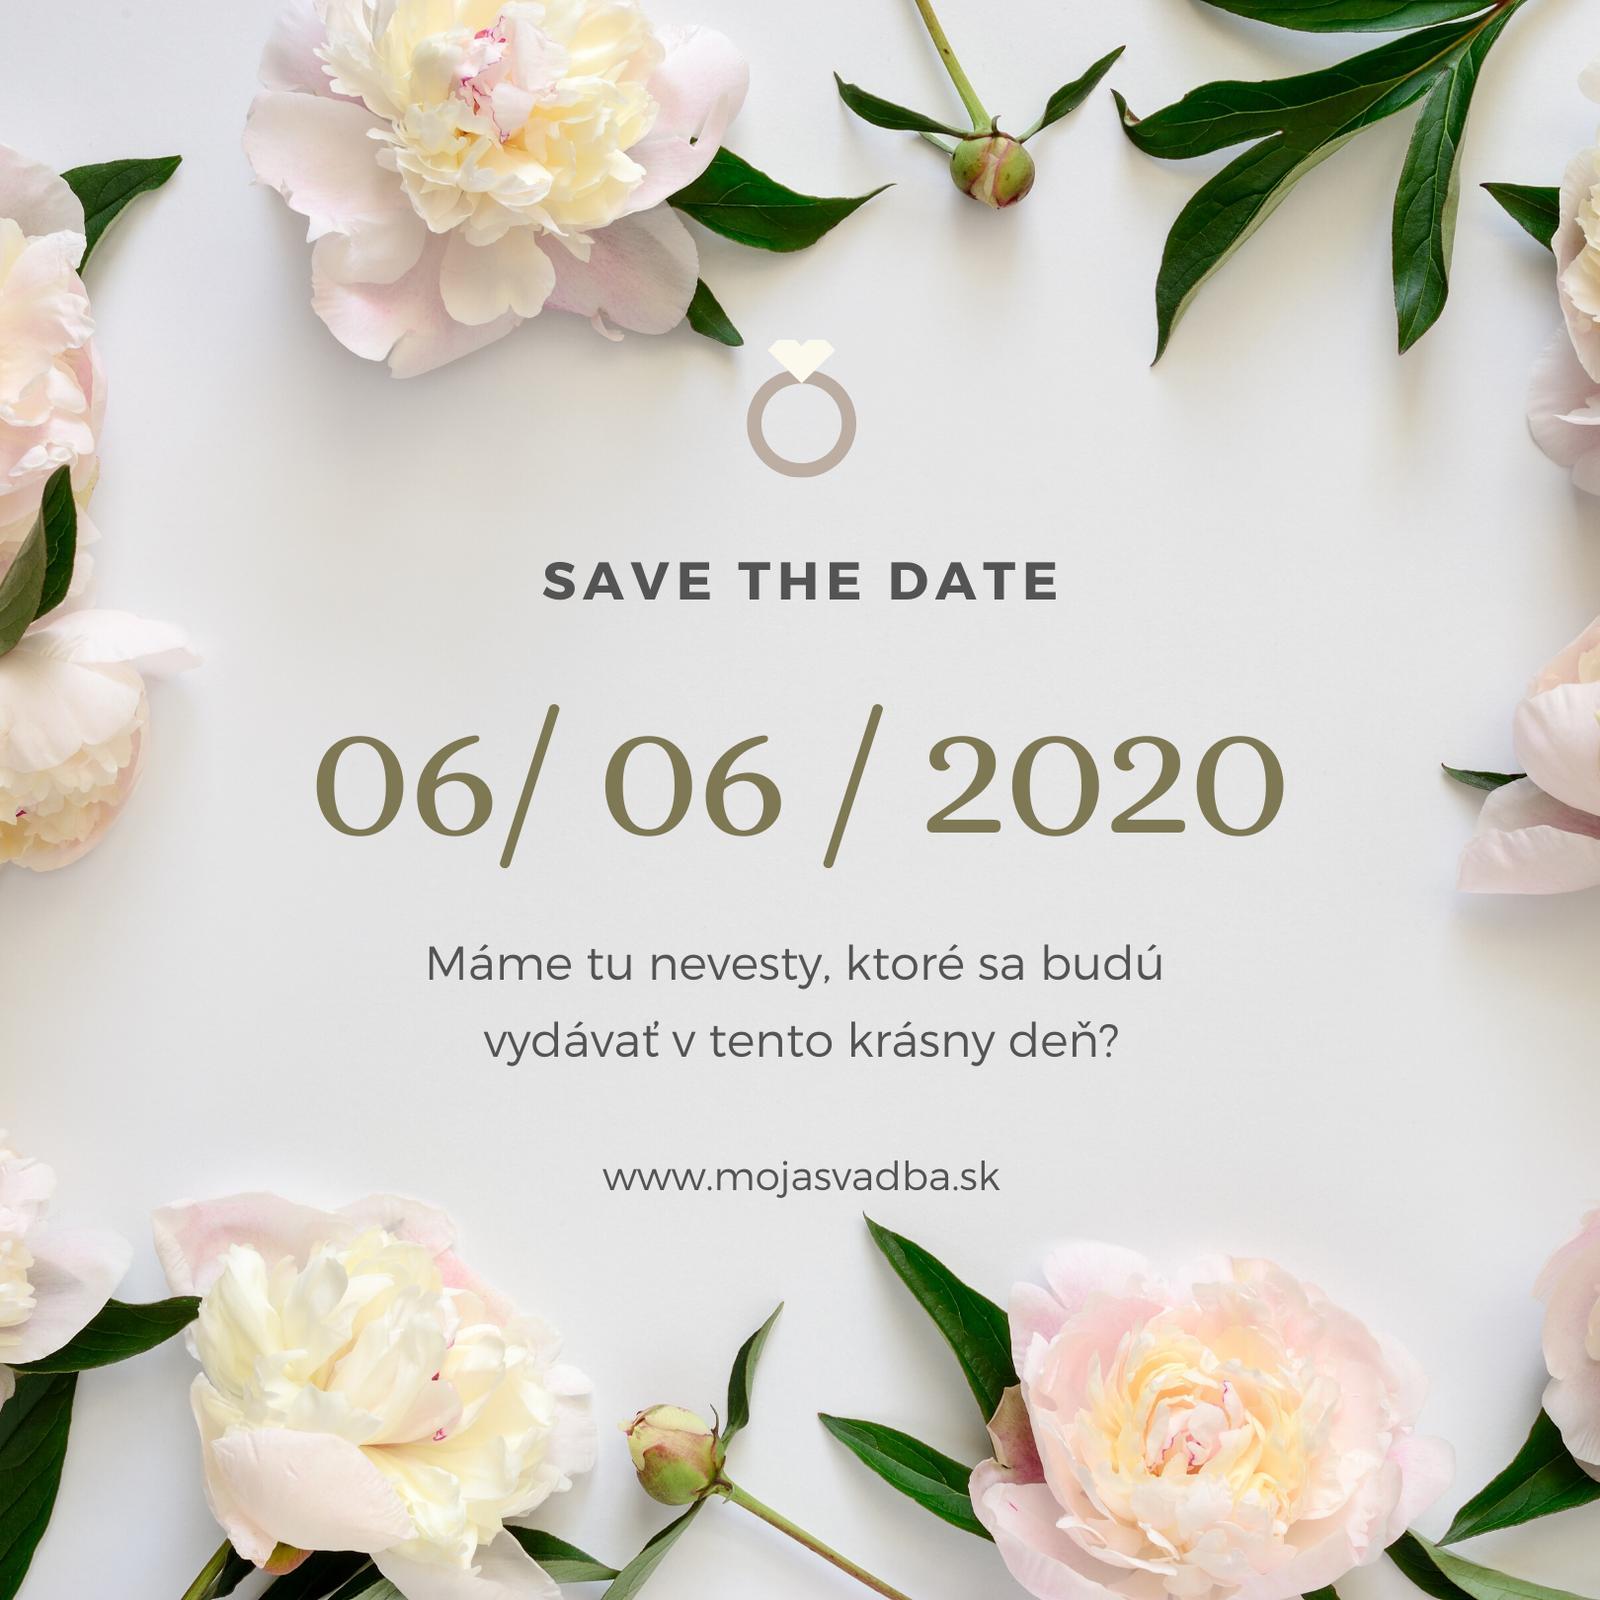 Vedeli ste, že mnohé páry si vyberajú svoj dátum svadby aj na základe numerológie? Máme tu nevesty, ktoré zajtra, 6.6.2020, čaká ich veľký deň?😍 Toto číslo je údajne veľmi priaznivé pre budúce manželstvá. Naznačuje stabilitu vzťahu bez hádok a negatívnej energie. Tak vám teda prajeme všetko dobré a dúfame, že si svoj zajtrajší deň užijete naplno!❤️ - Obrázok č. 1